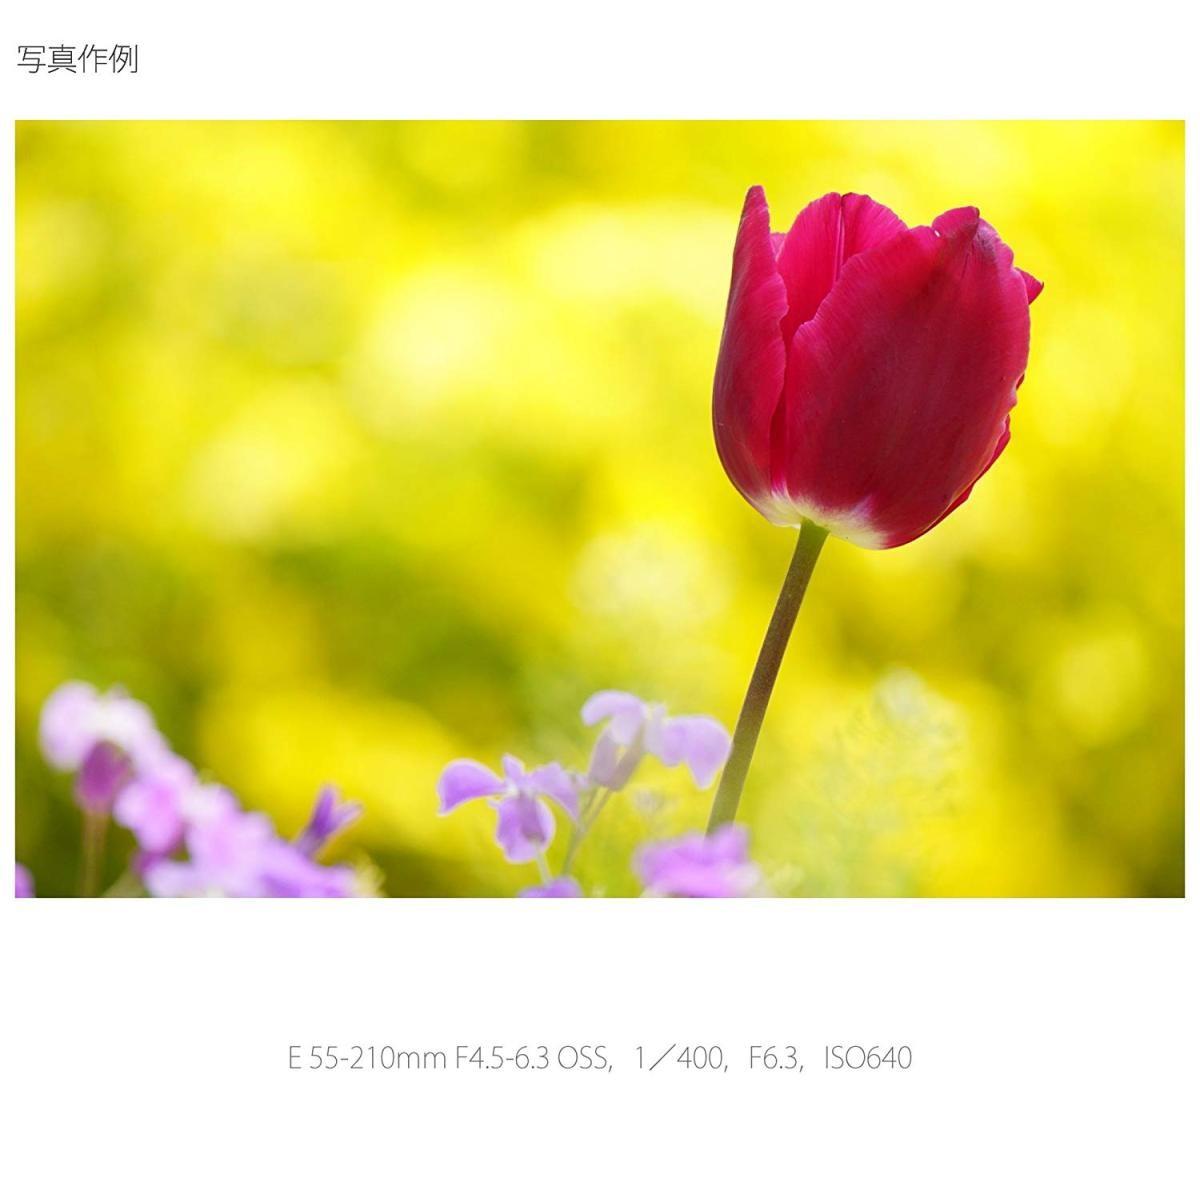 ソニー E 55-210mm F4.5-6.3 OSS SEL55210 Sの商品画像|4